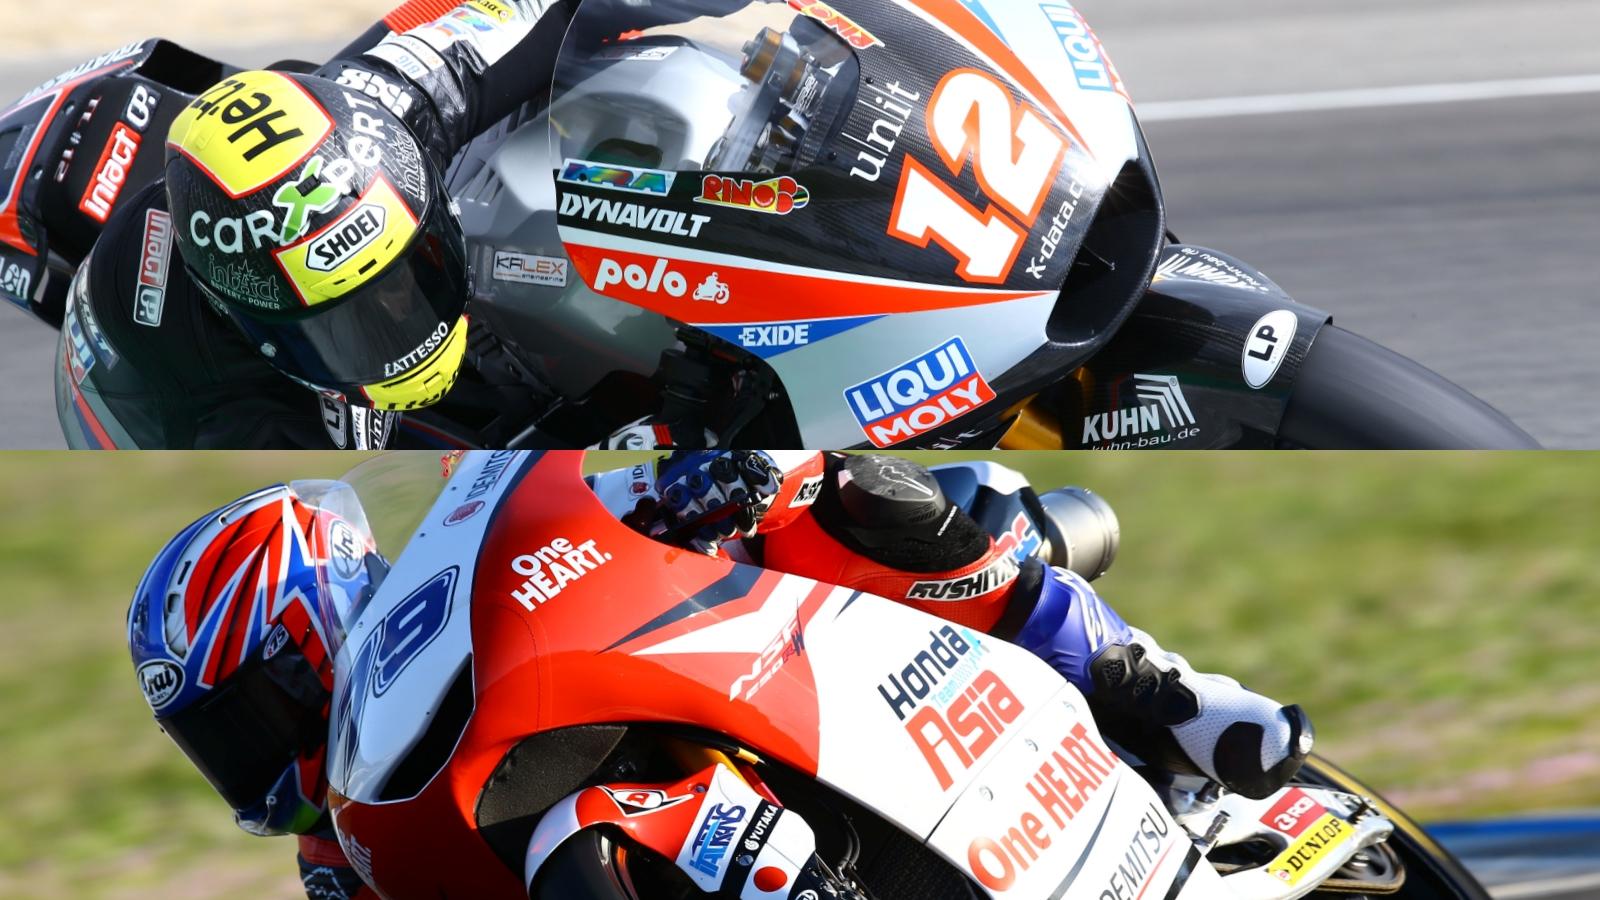 Thomas Luthi y Ai Ogura acaban al frente de Moto2 y Moto3 en el test de Jerez